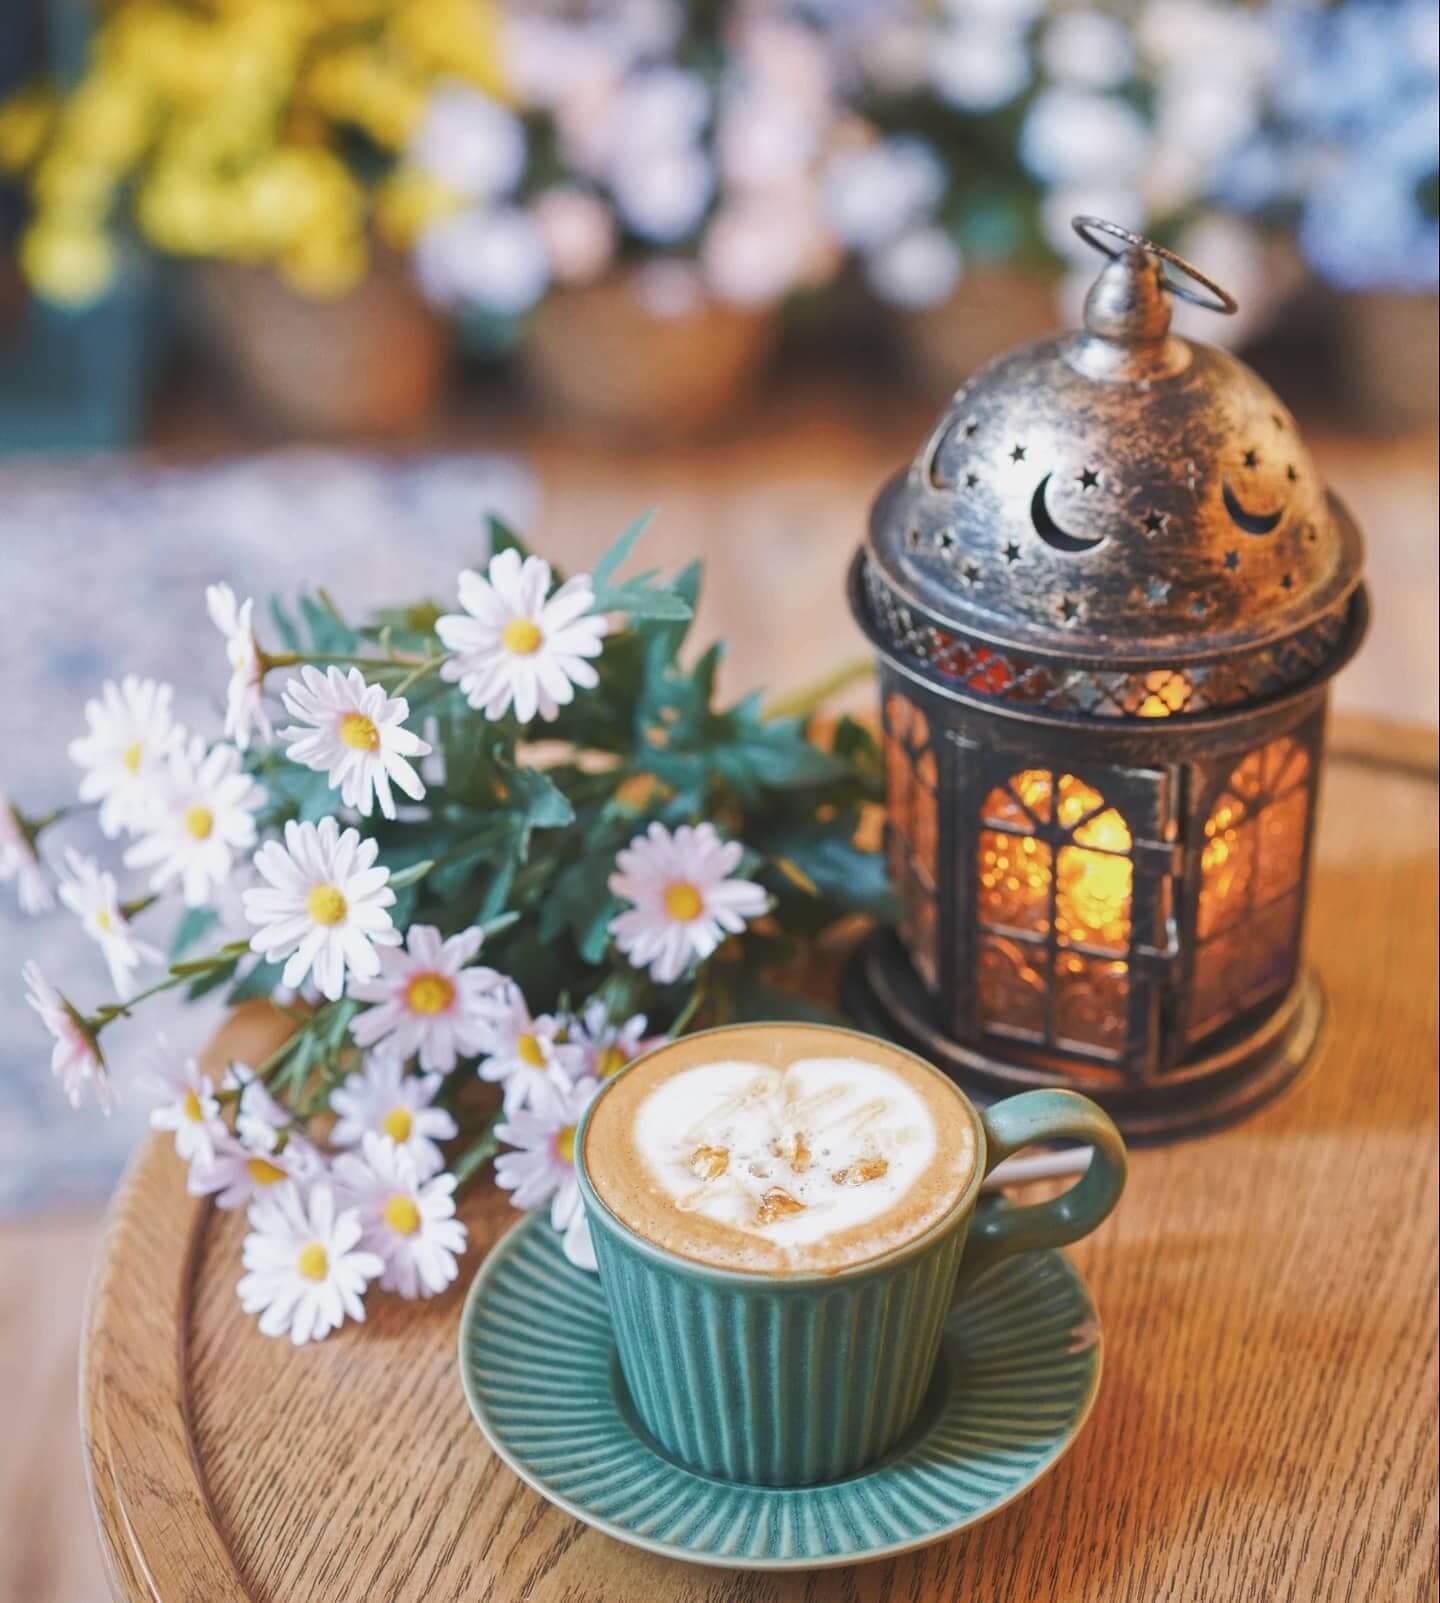 不愛太濃重咖啡的人,可以選擇 Caramel Caffe Latte。